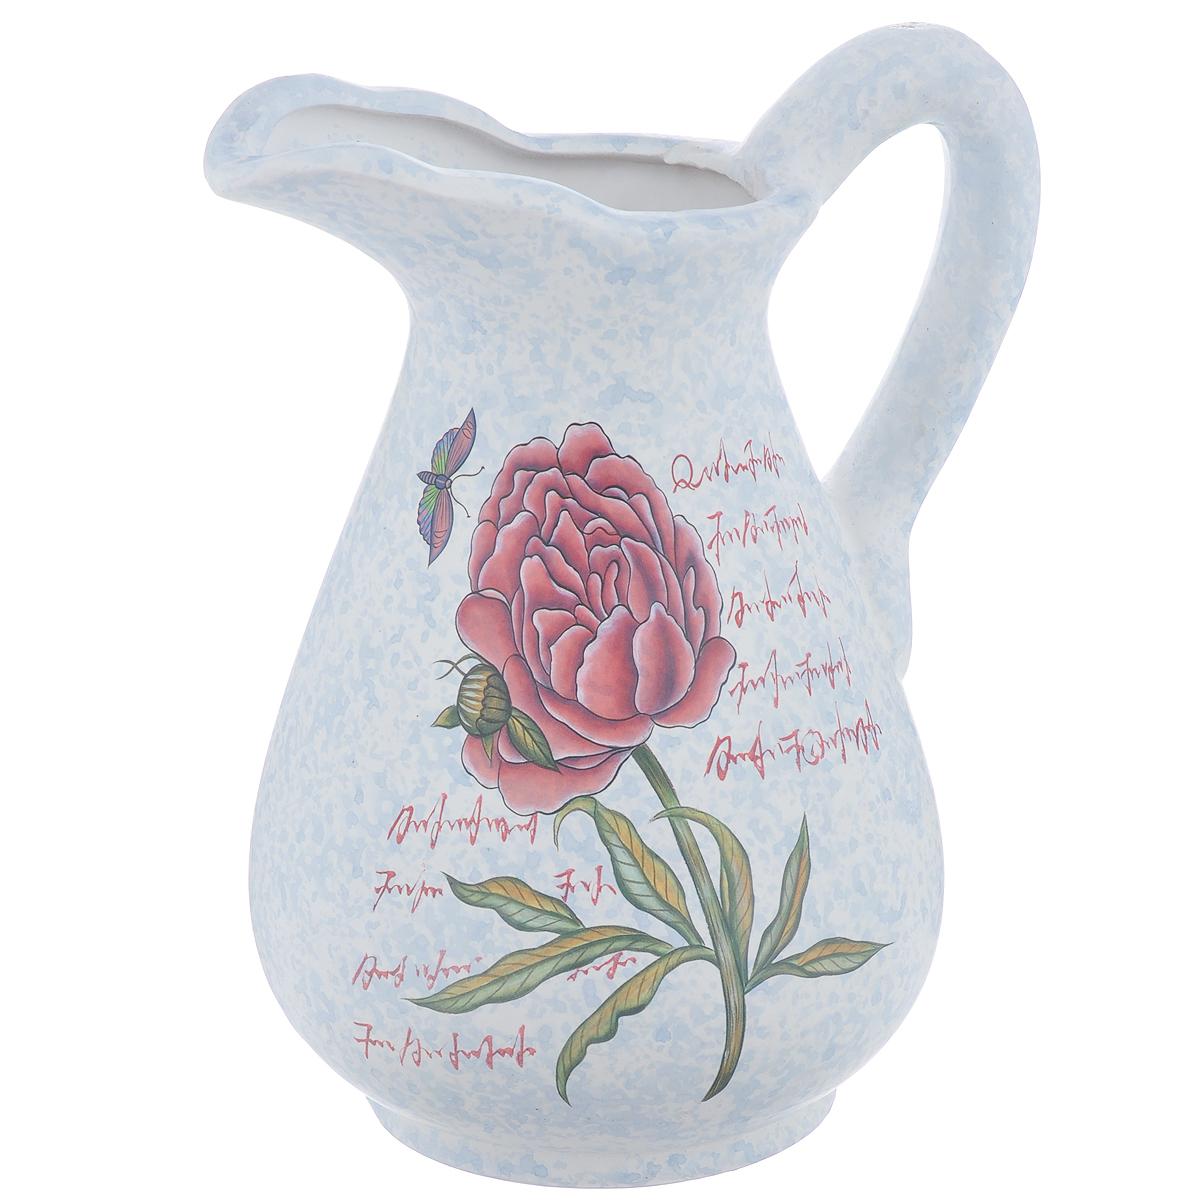 Ваза Lillo Нежный цветок, высота 25 см43966SLBЭлегантная ваза Lillo Нежный цветок выполнена из высококачественной керамики в виде кувшина и декорирована рисунком. Она придется по вкусу и ценителям классики, и тем, кто предпочитает утонченность и изящность. Вы можете поставить вазу в любом месте, где она будет удачно смотреться и радовать глаз. Такая ваза подойдет и для цветов, и для декора интерьера. Кроме того - это отличный вариант подарка для ваших близких и друзей. Высота вазы: 25 см.Диаметр по верхнему краю: 6 см.Диаметр основания: 11,5 см.